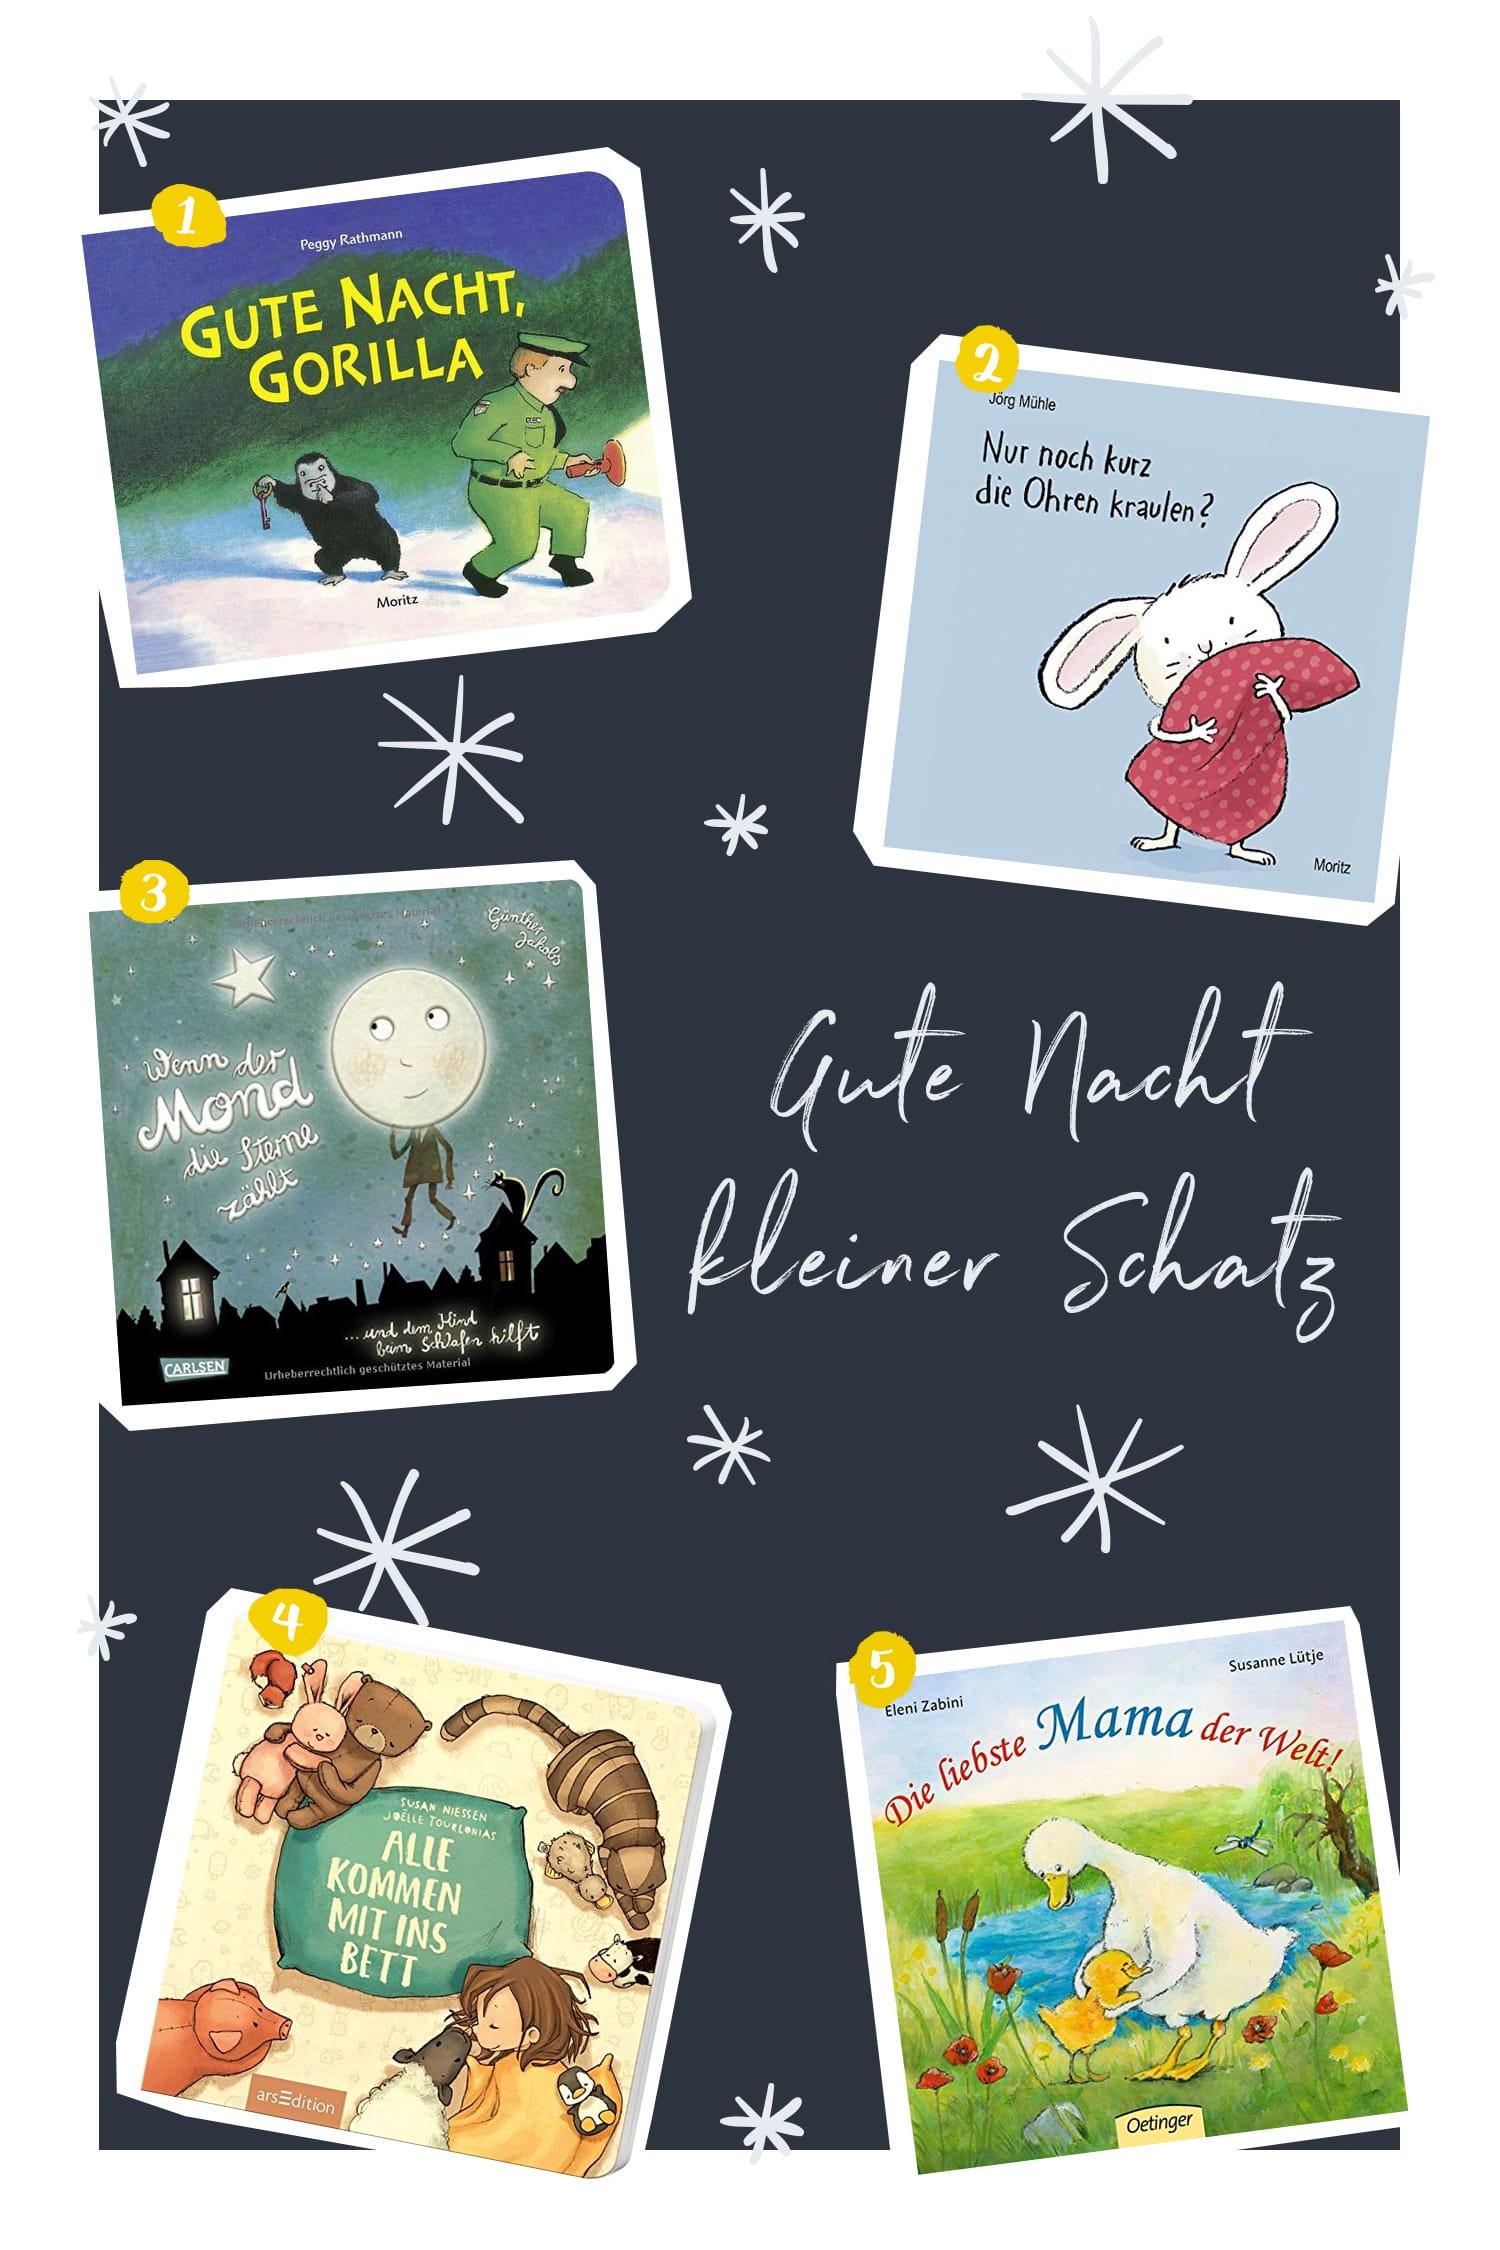 Gute Nacht Bücher für Kleinkinder | Unsere Lieblingsbücher zum Einschlafen für 1 bis 2-jährige Kinder